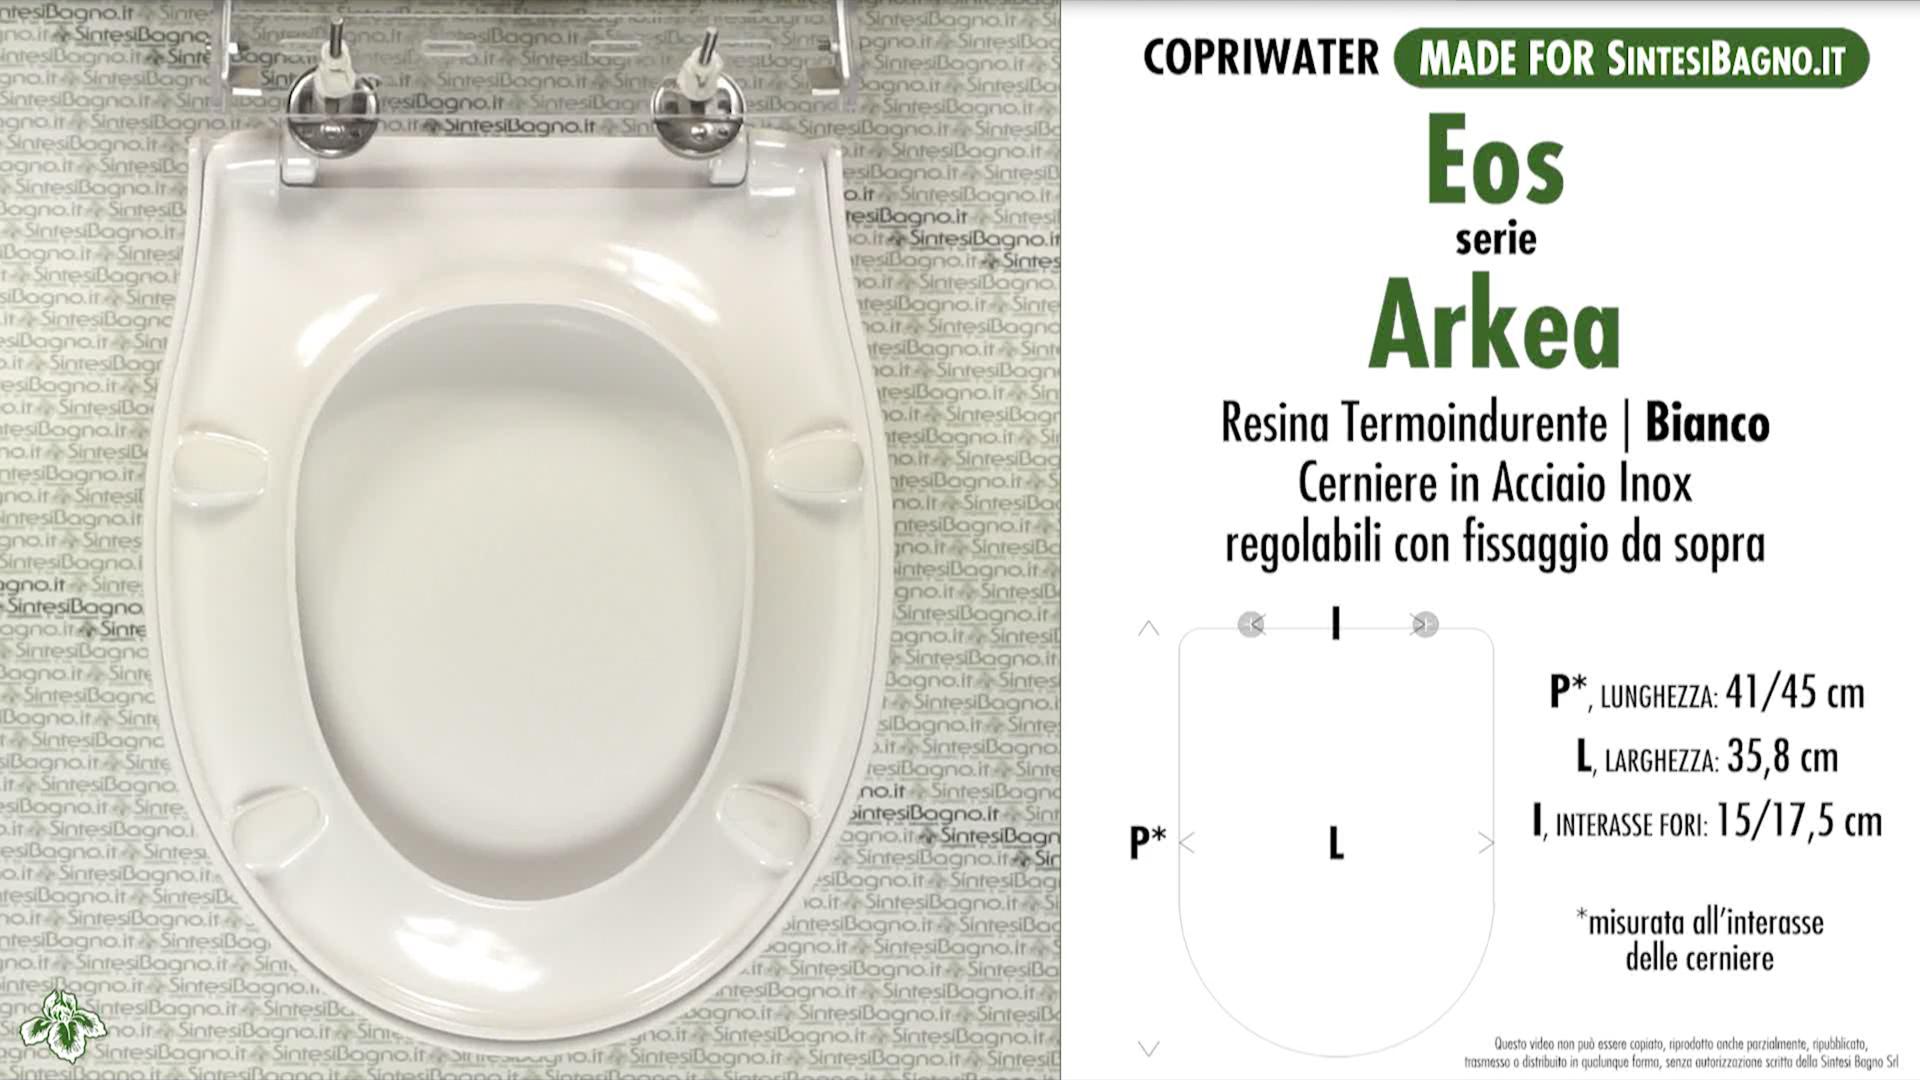 SCHEDA TECNICA MISURE copriwater EOS ARKEA